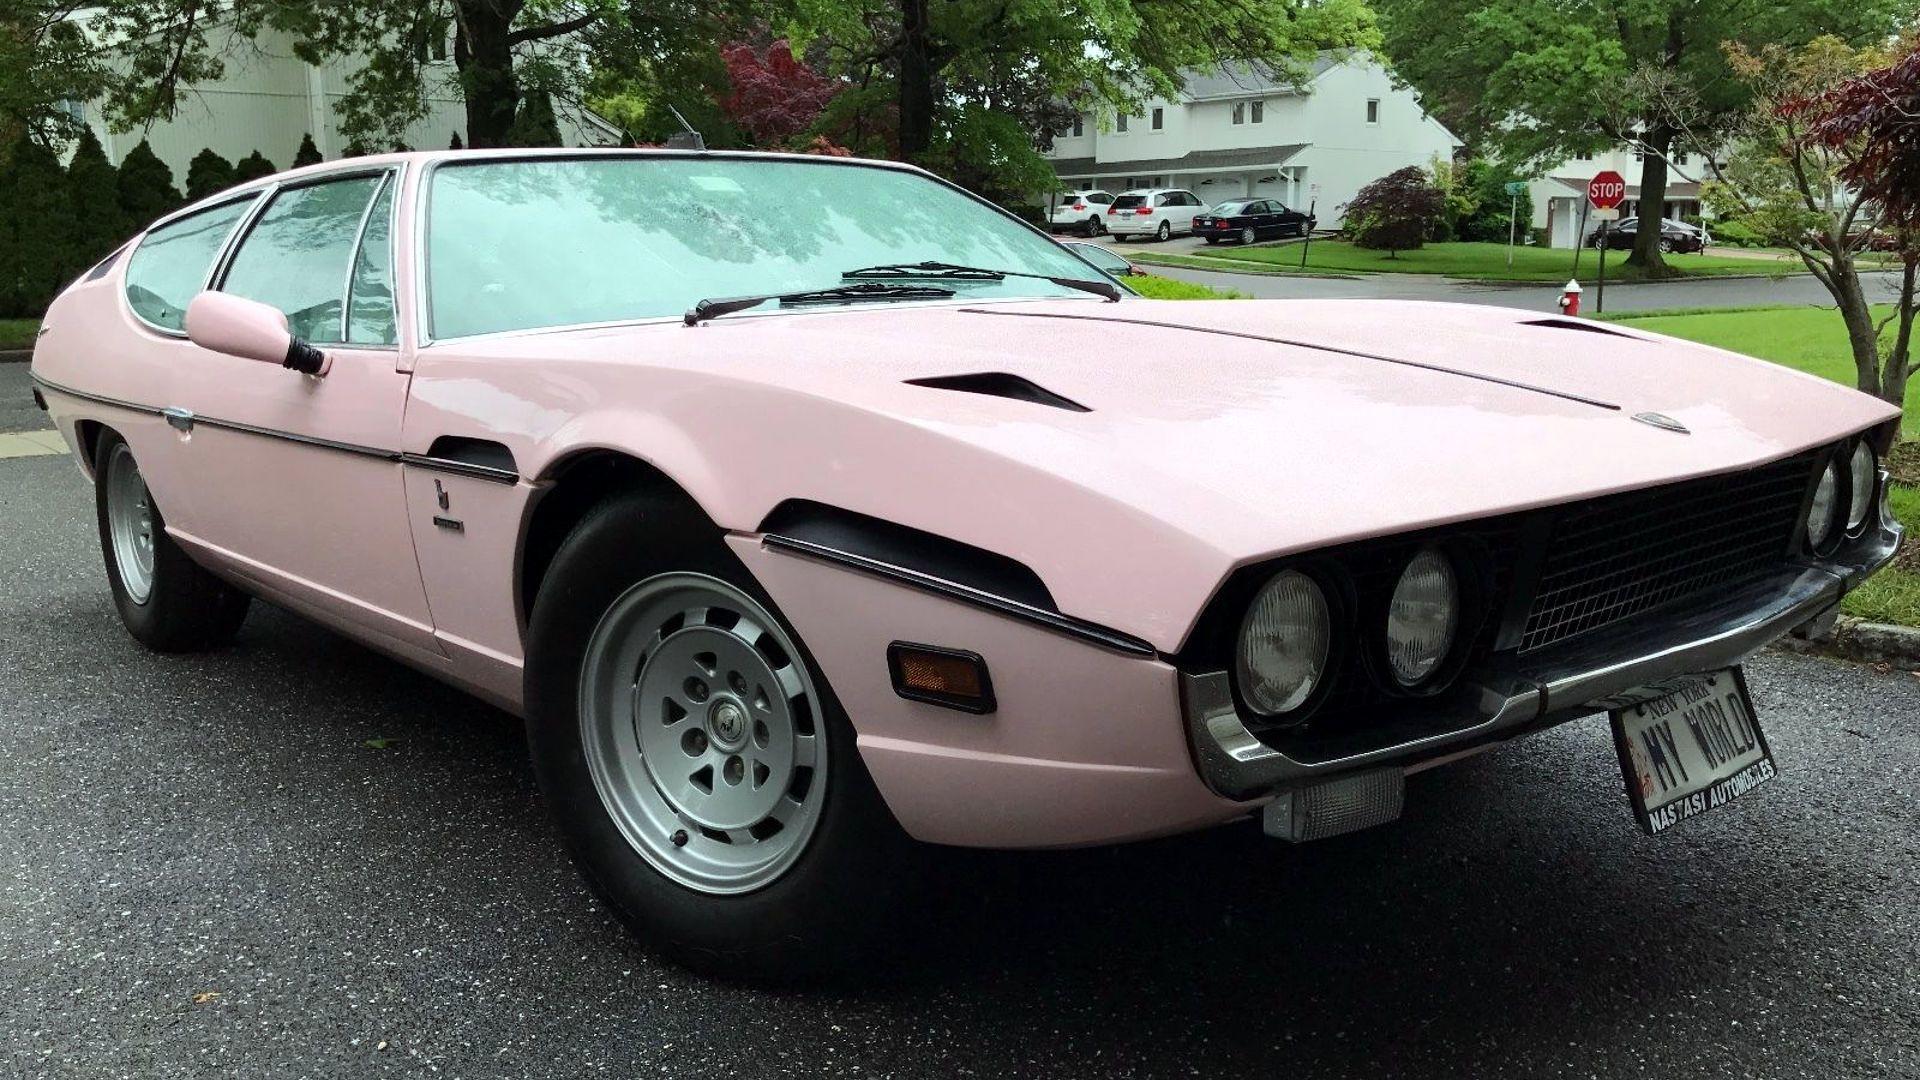 Pink Lamborghini Espada Fails To Sell On Ebay